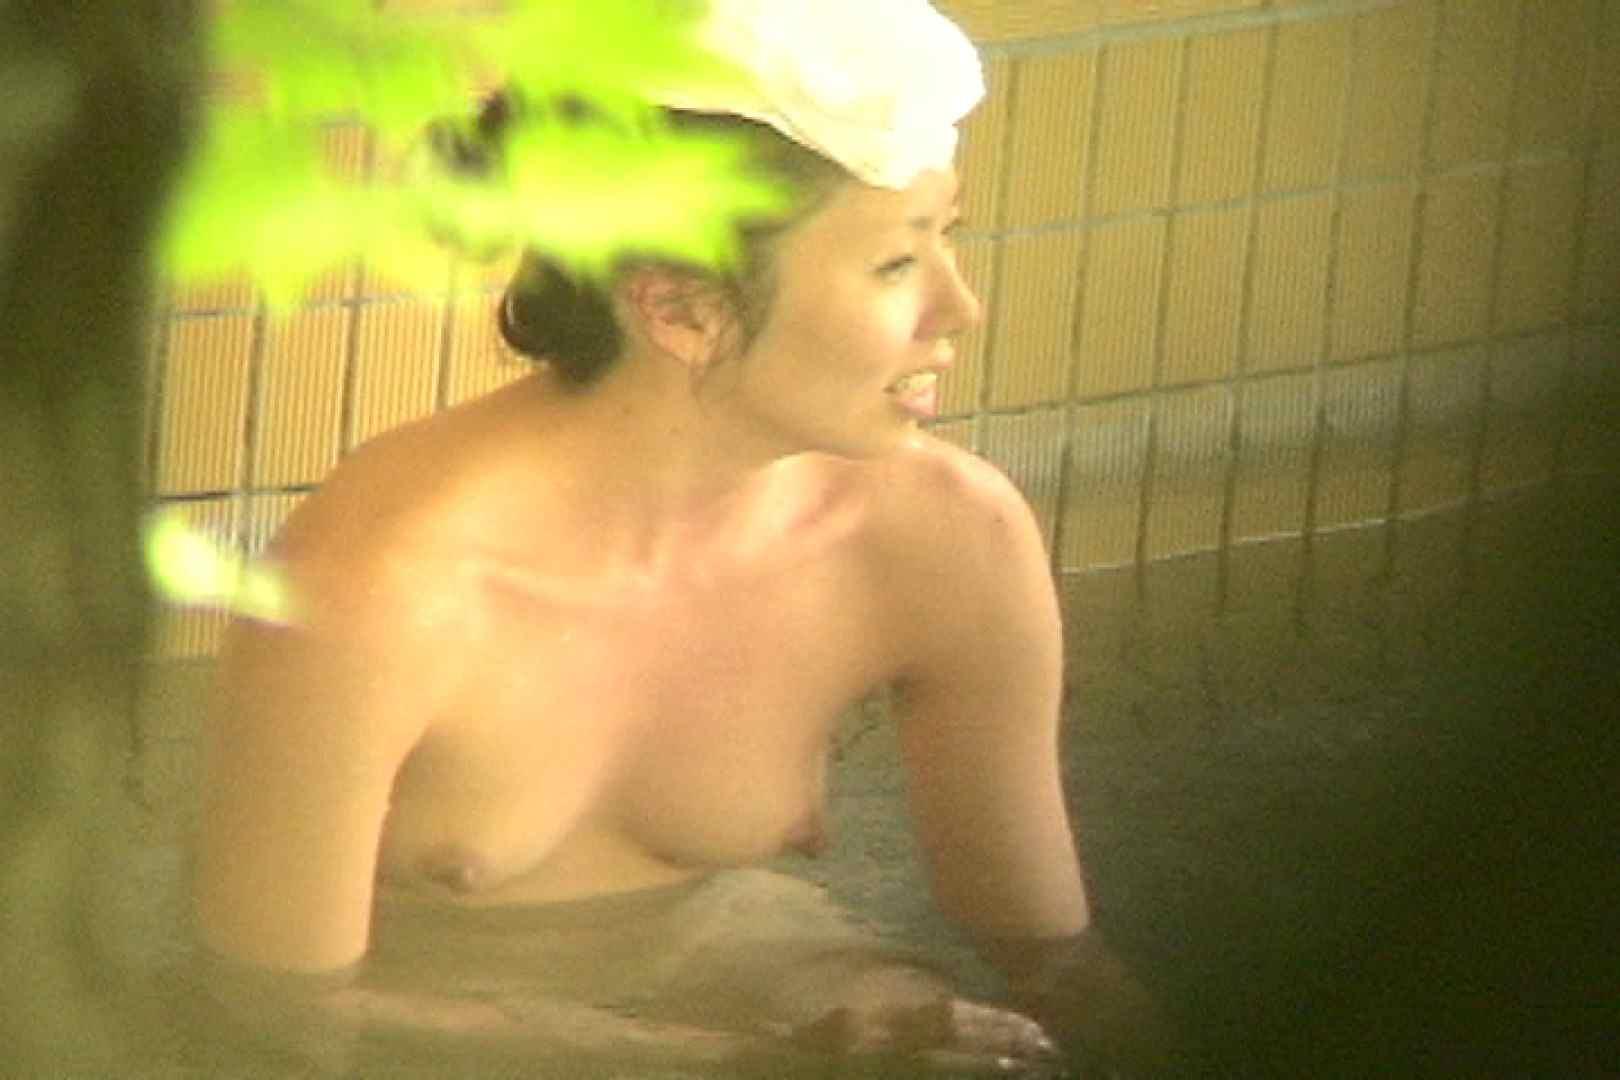 Aquaな露天風呂Vol.708 露天 | 盗撮特集  88画像 11